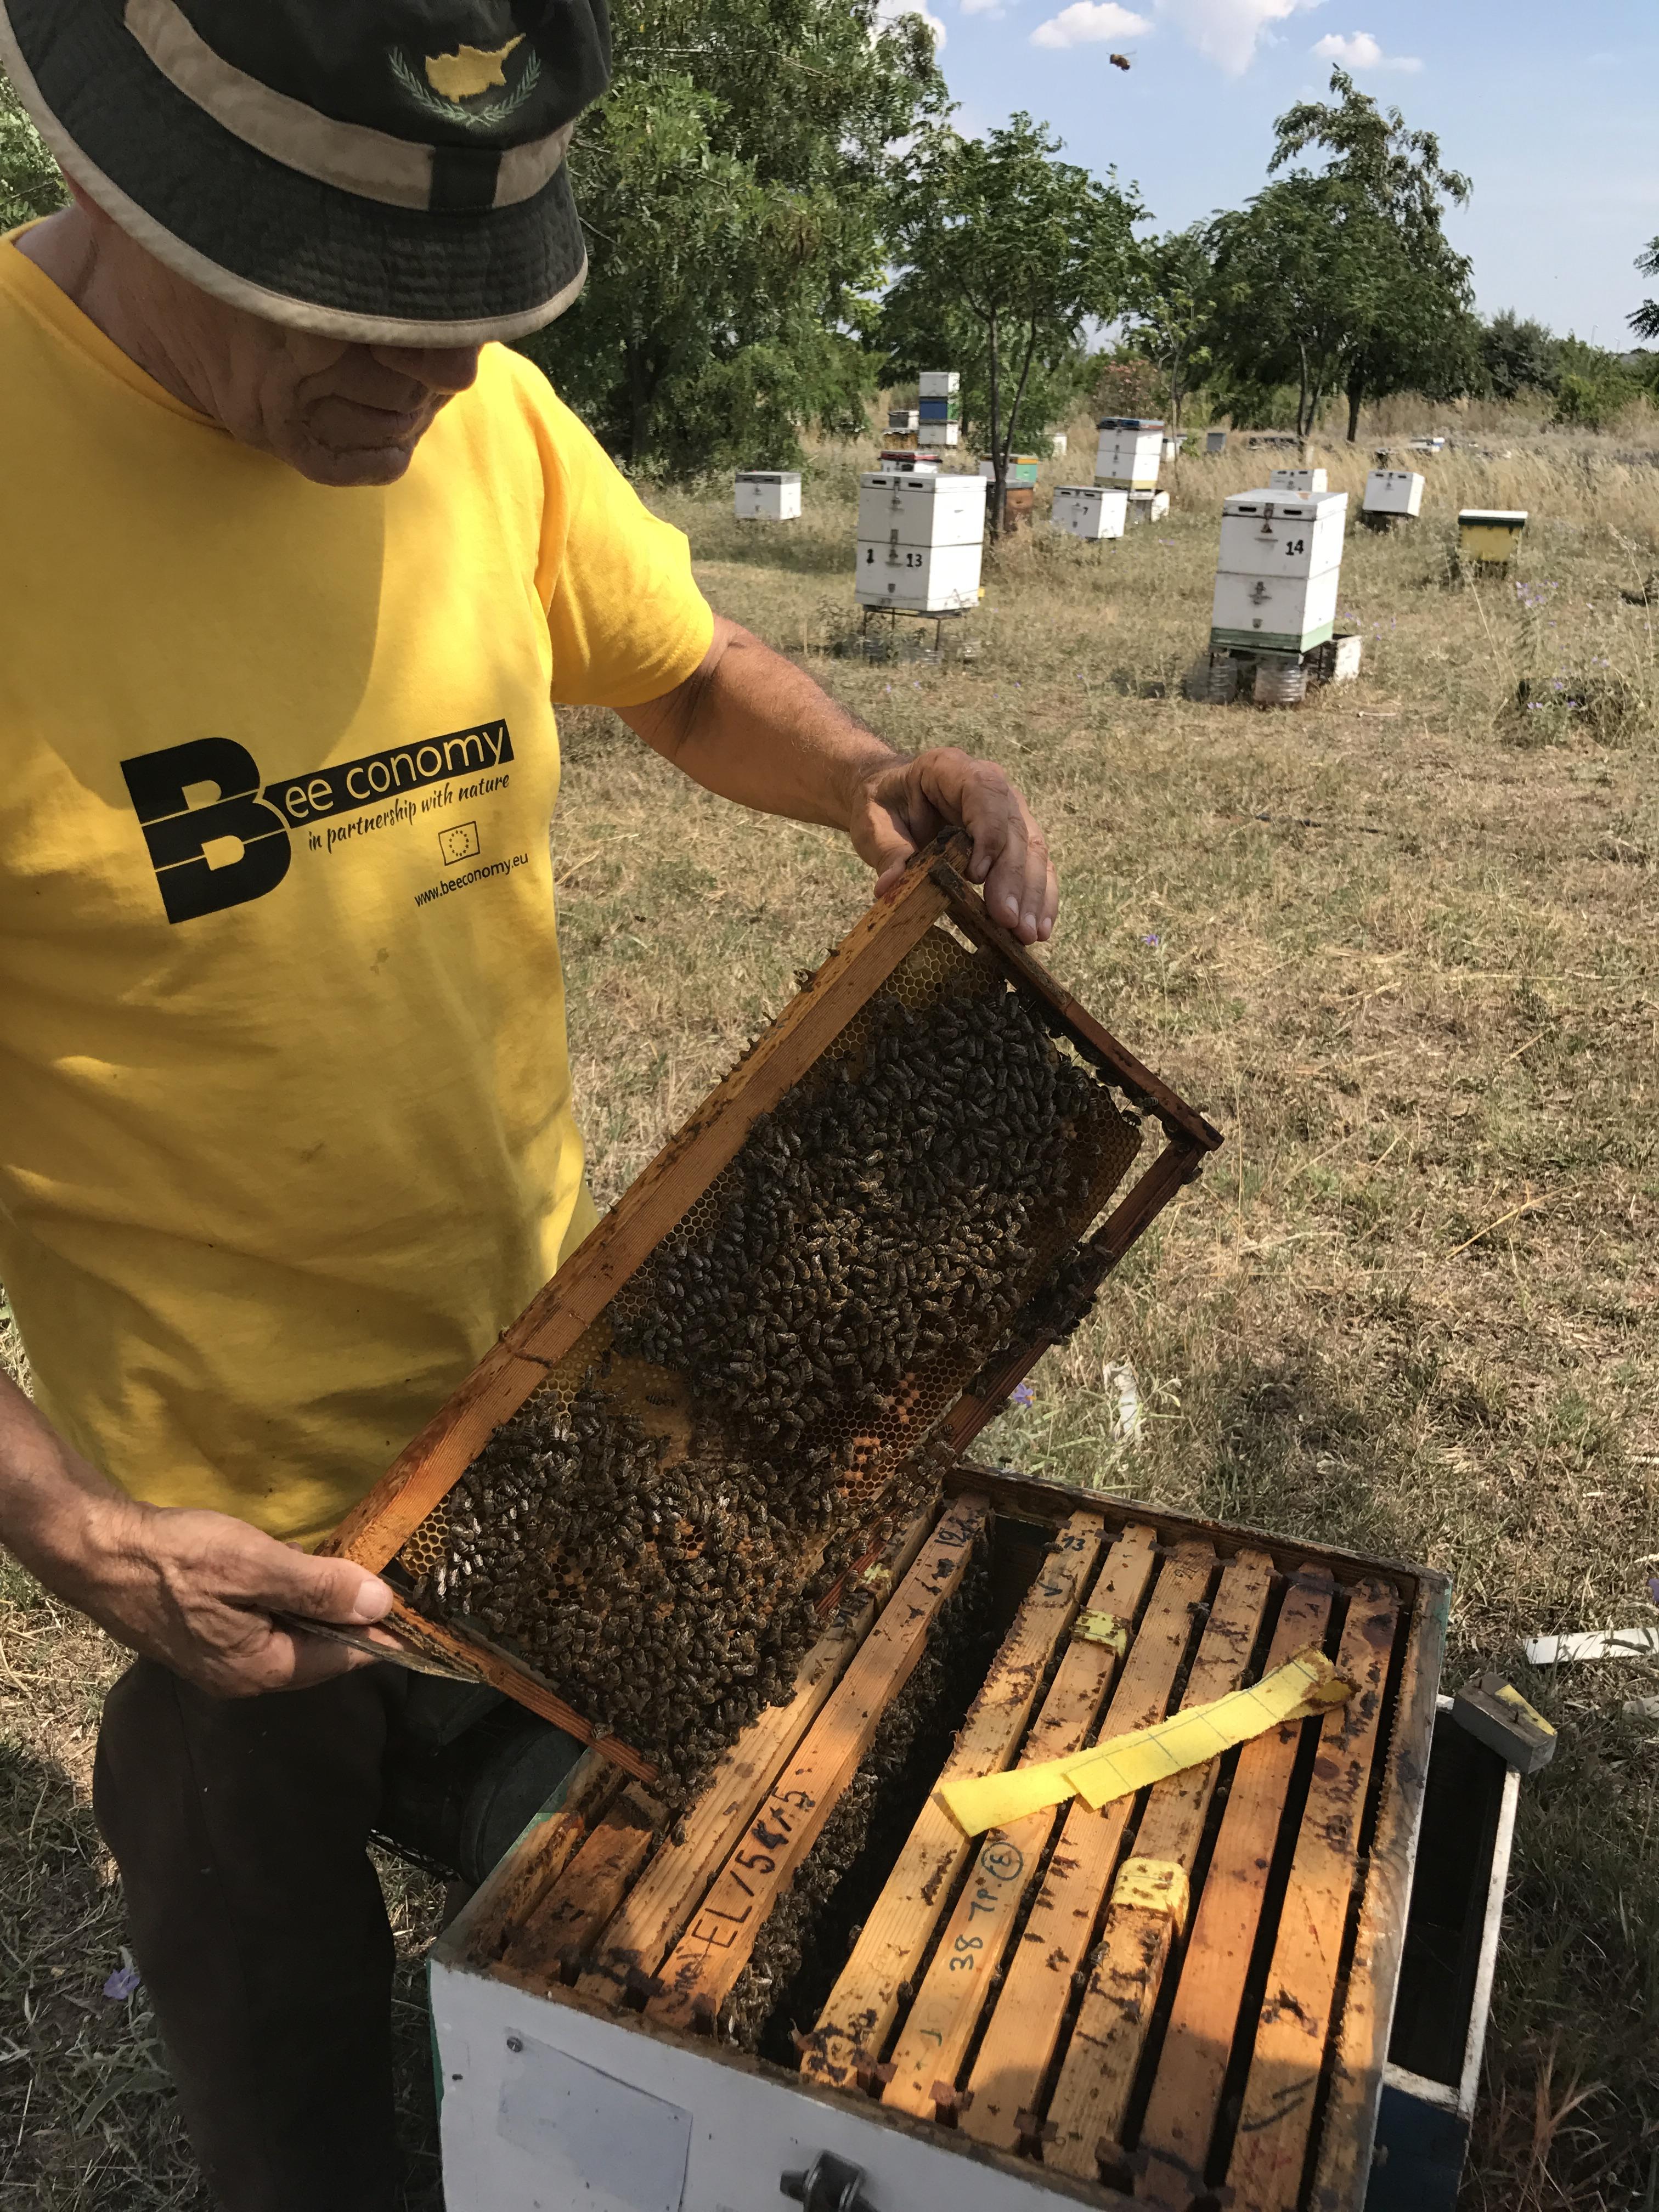 Εικόνα 10 : Παραμόρφωση κηρηθρών στα σημεία επαφής της κηρήθρας, αναμενόμενη συμπεριφορά των μελισσών